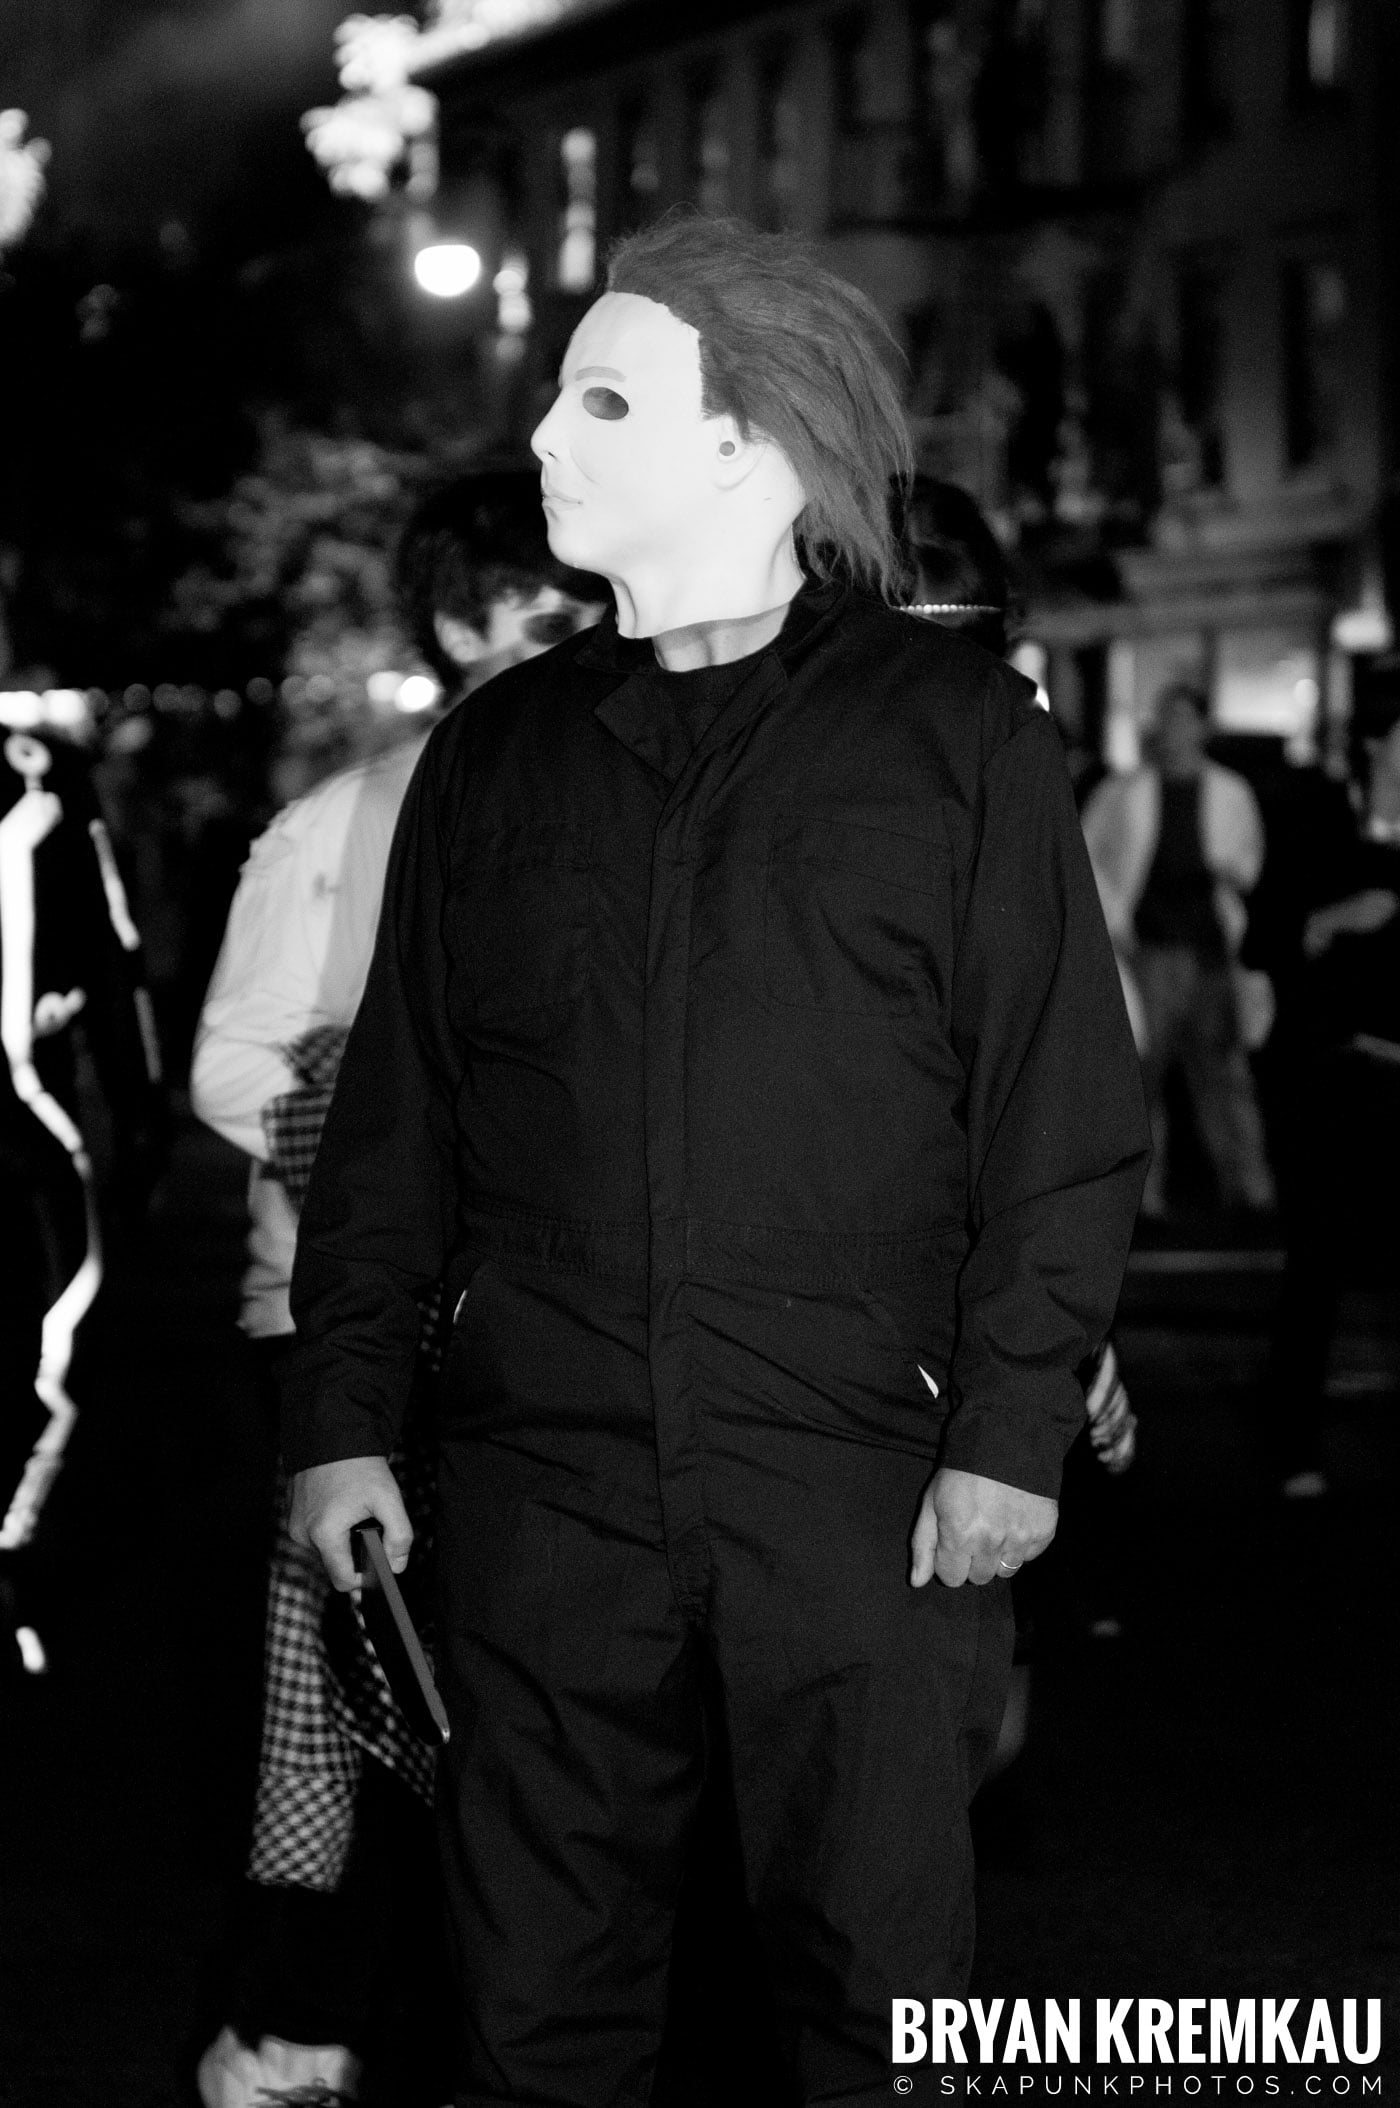 NYC Halloween Parade 2011 @ New York, NY - 10.31.11 (31)